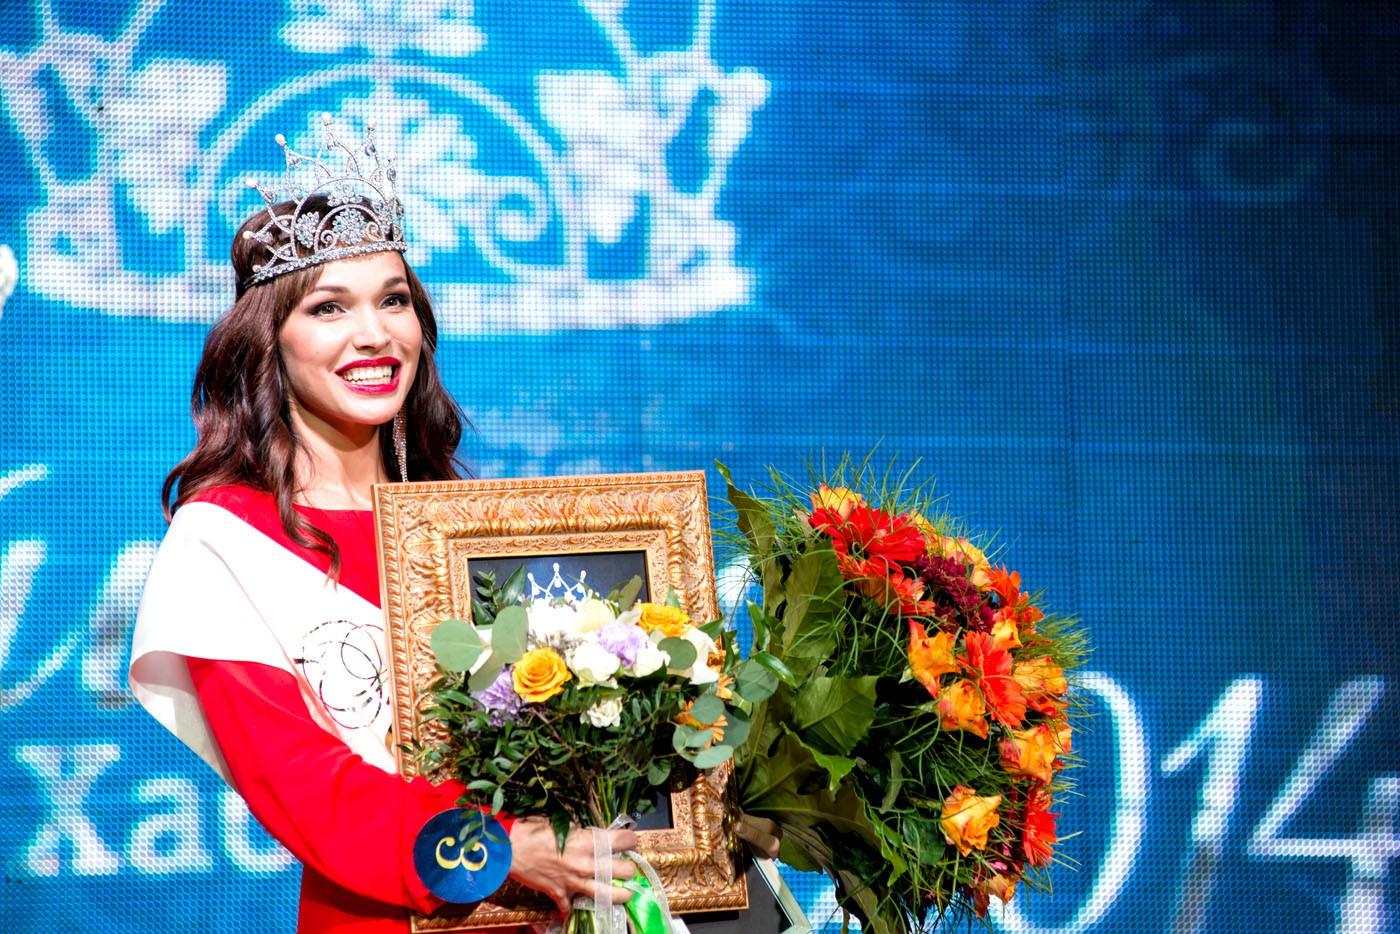 Победительница конкурса  Алиса Литвинская